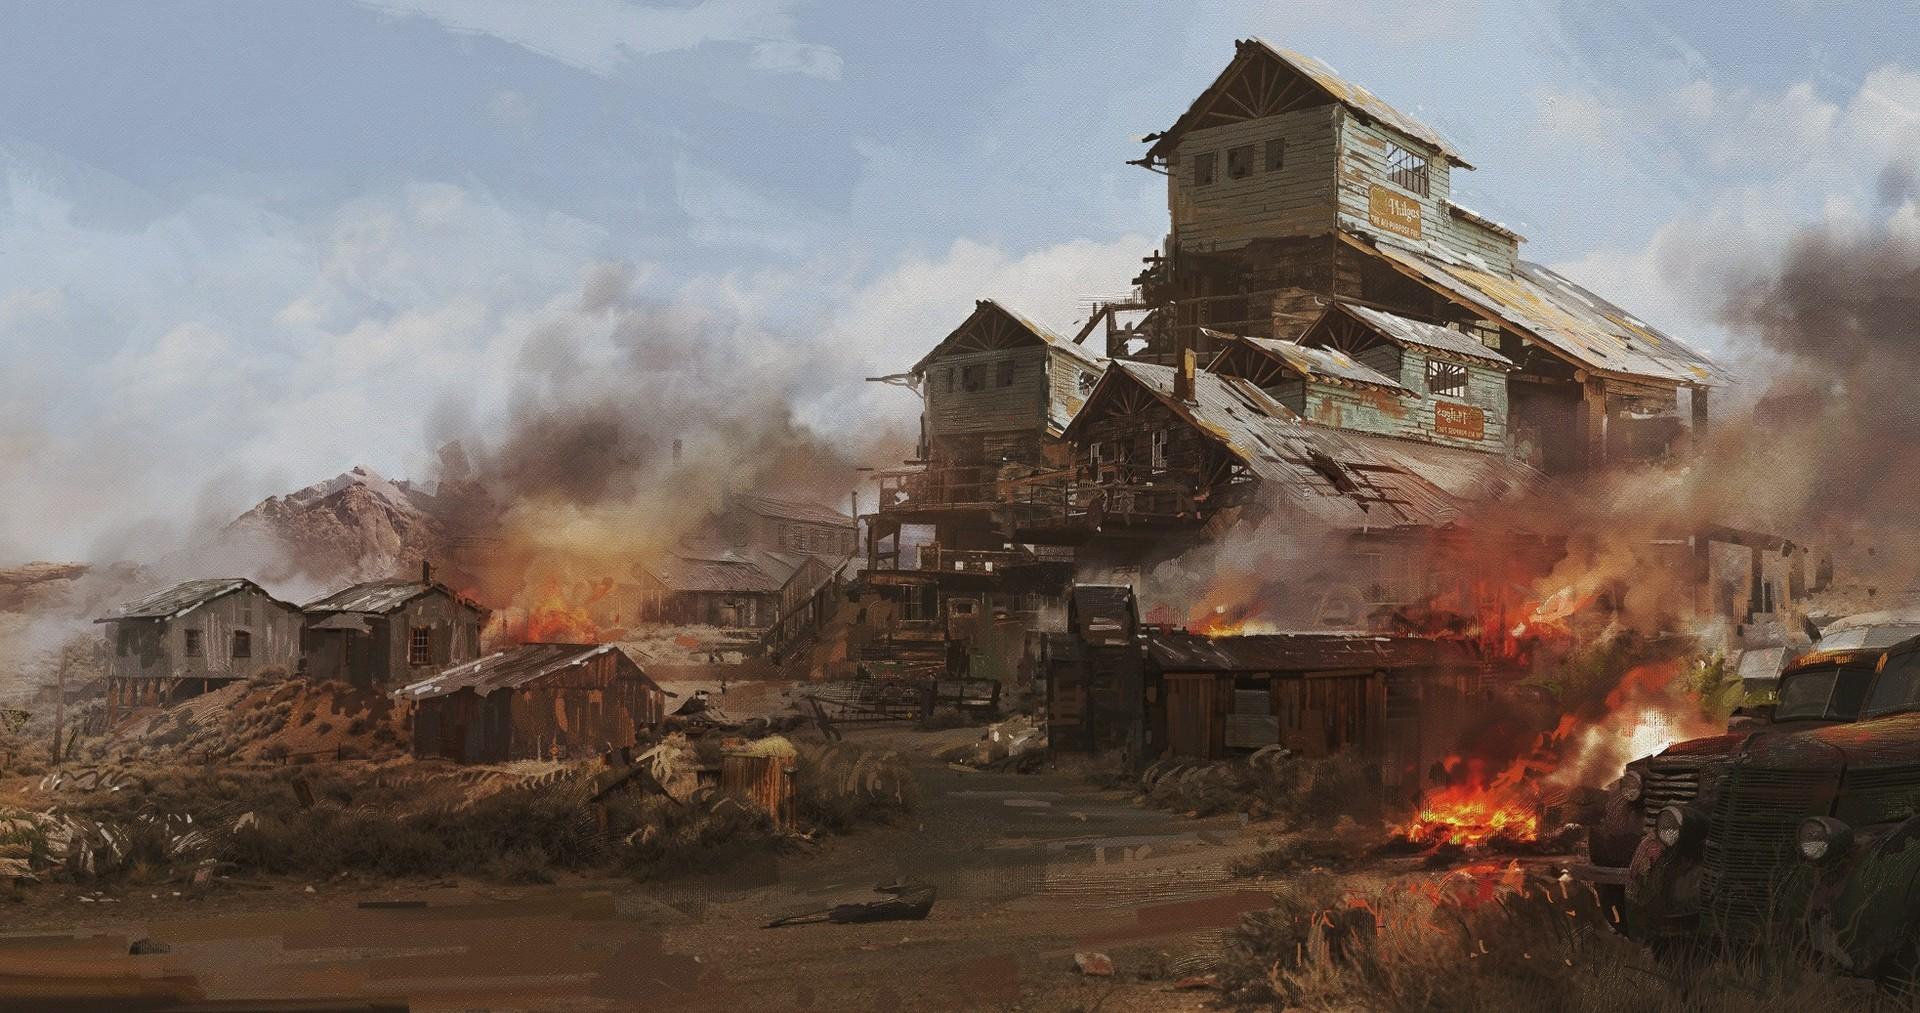 donglu-yu-village-on-fire